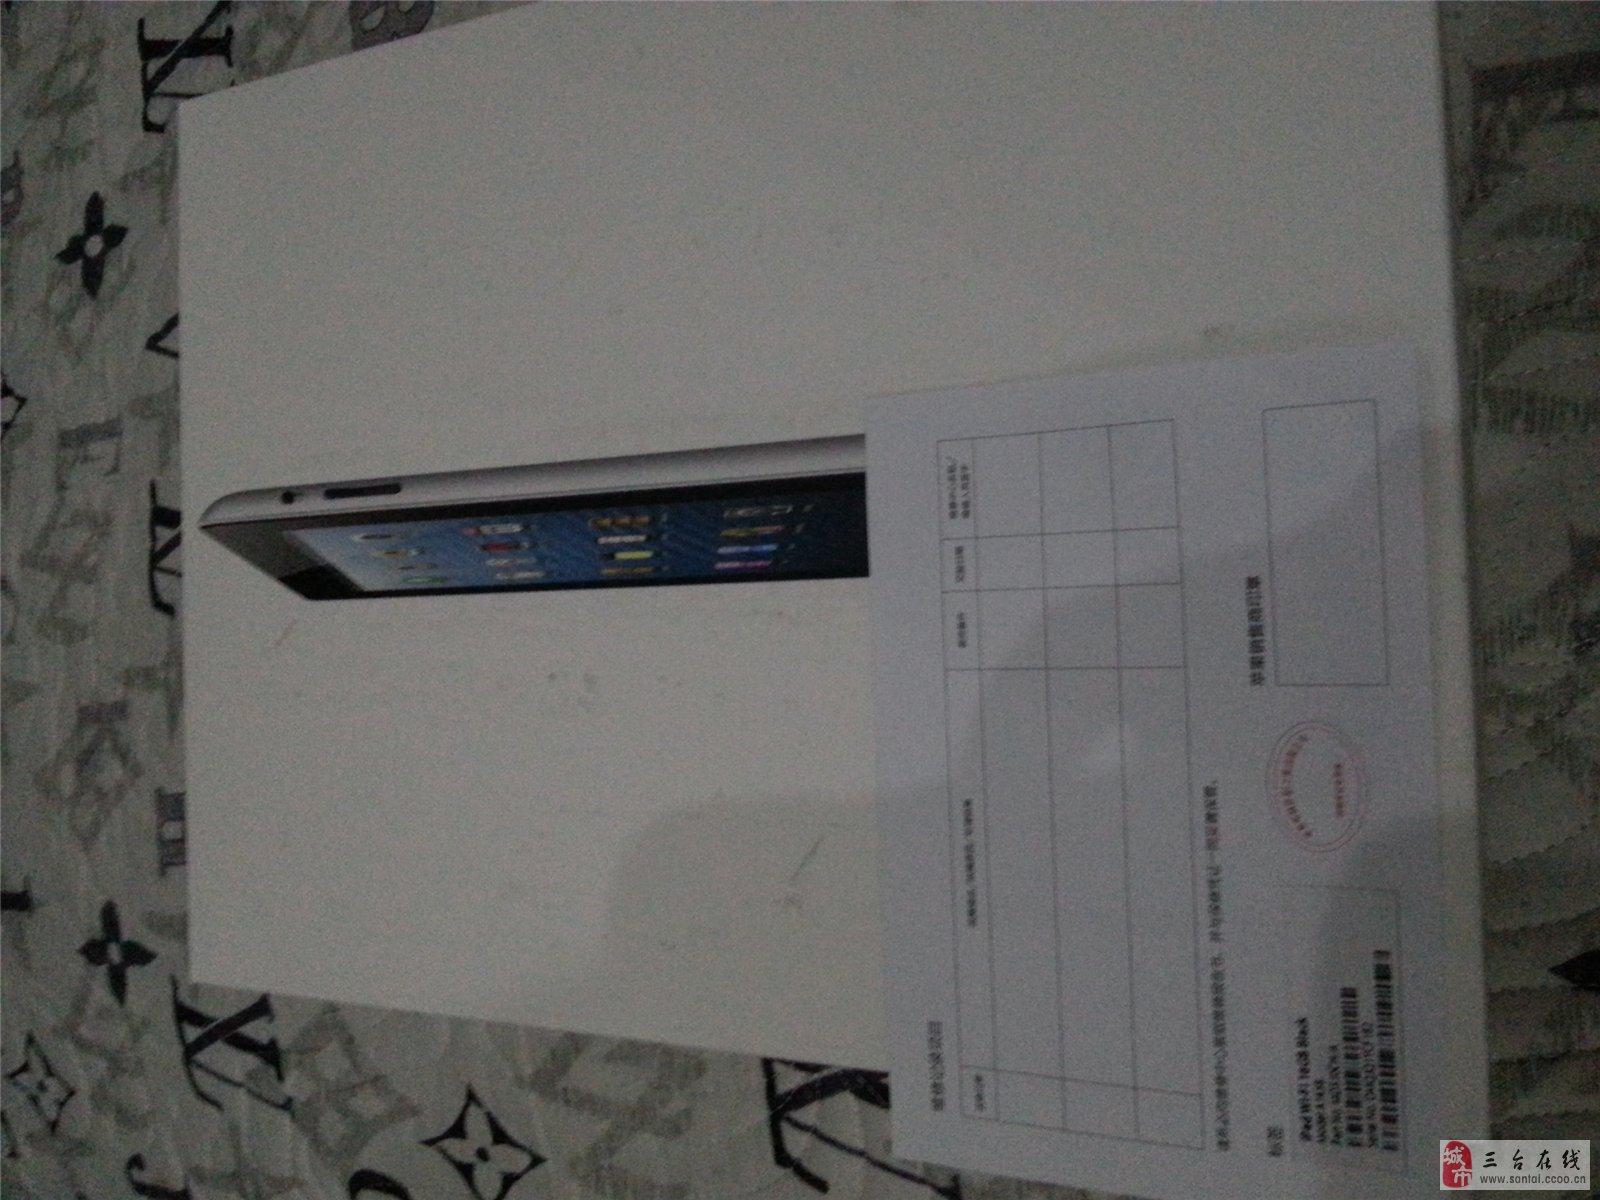 国行ipad4,16g,wifi版换苹果4s